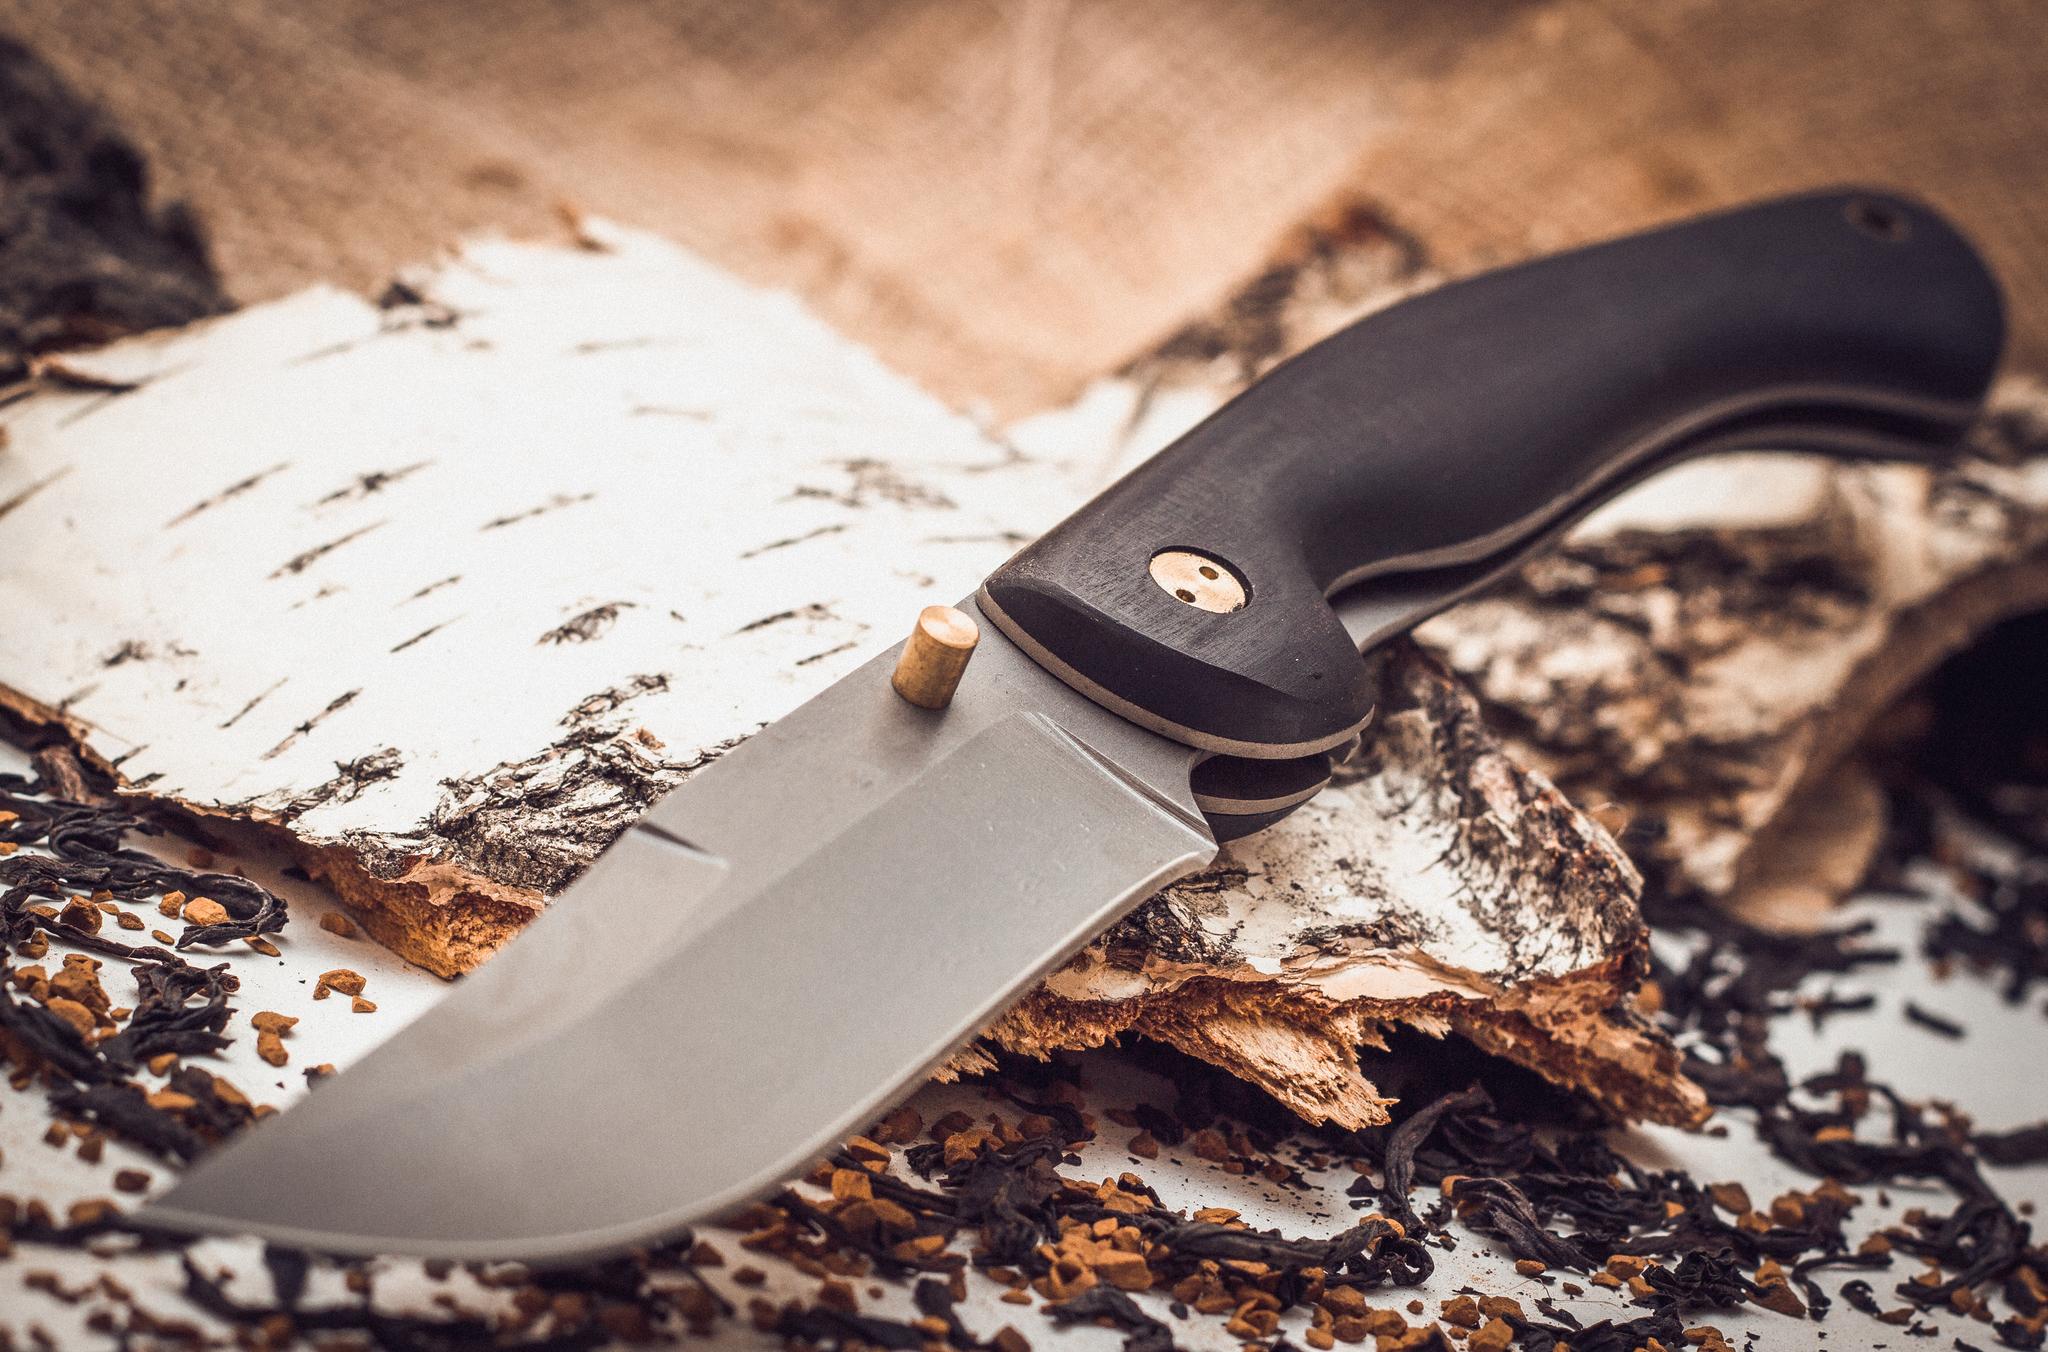 Фото 5 - Складной нож Азиат, сталь 95х18, граб от Марычев